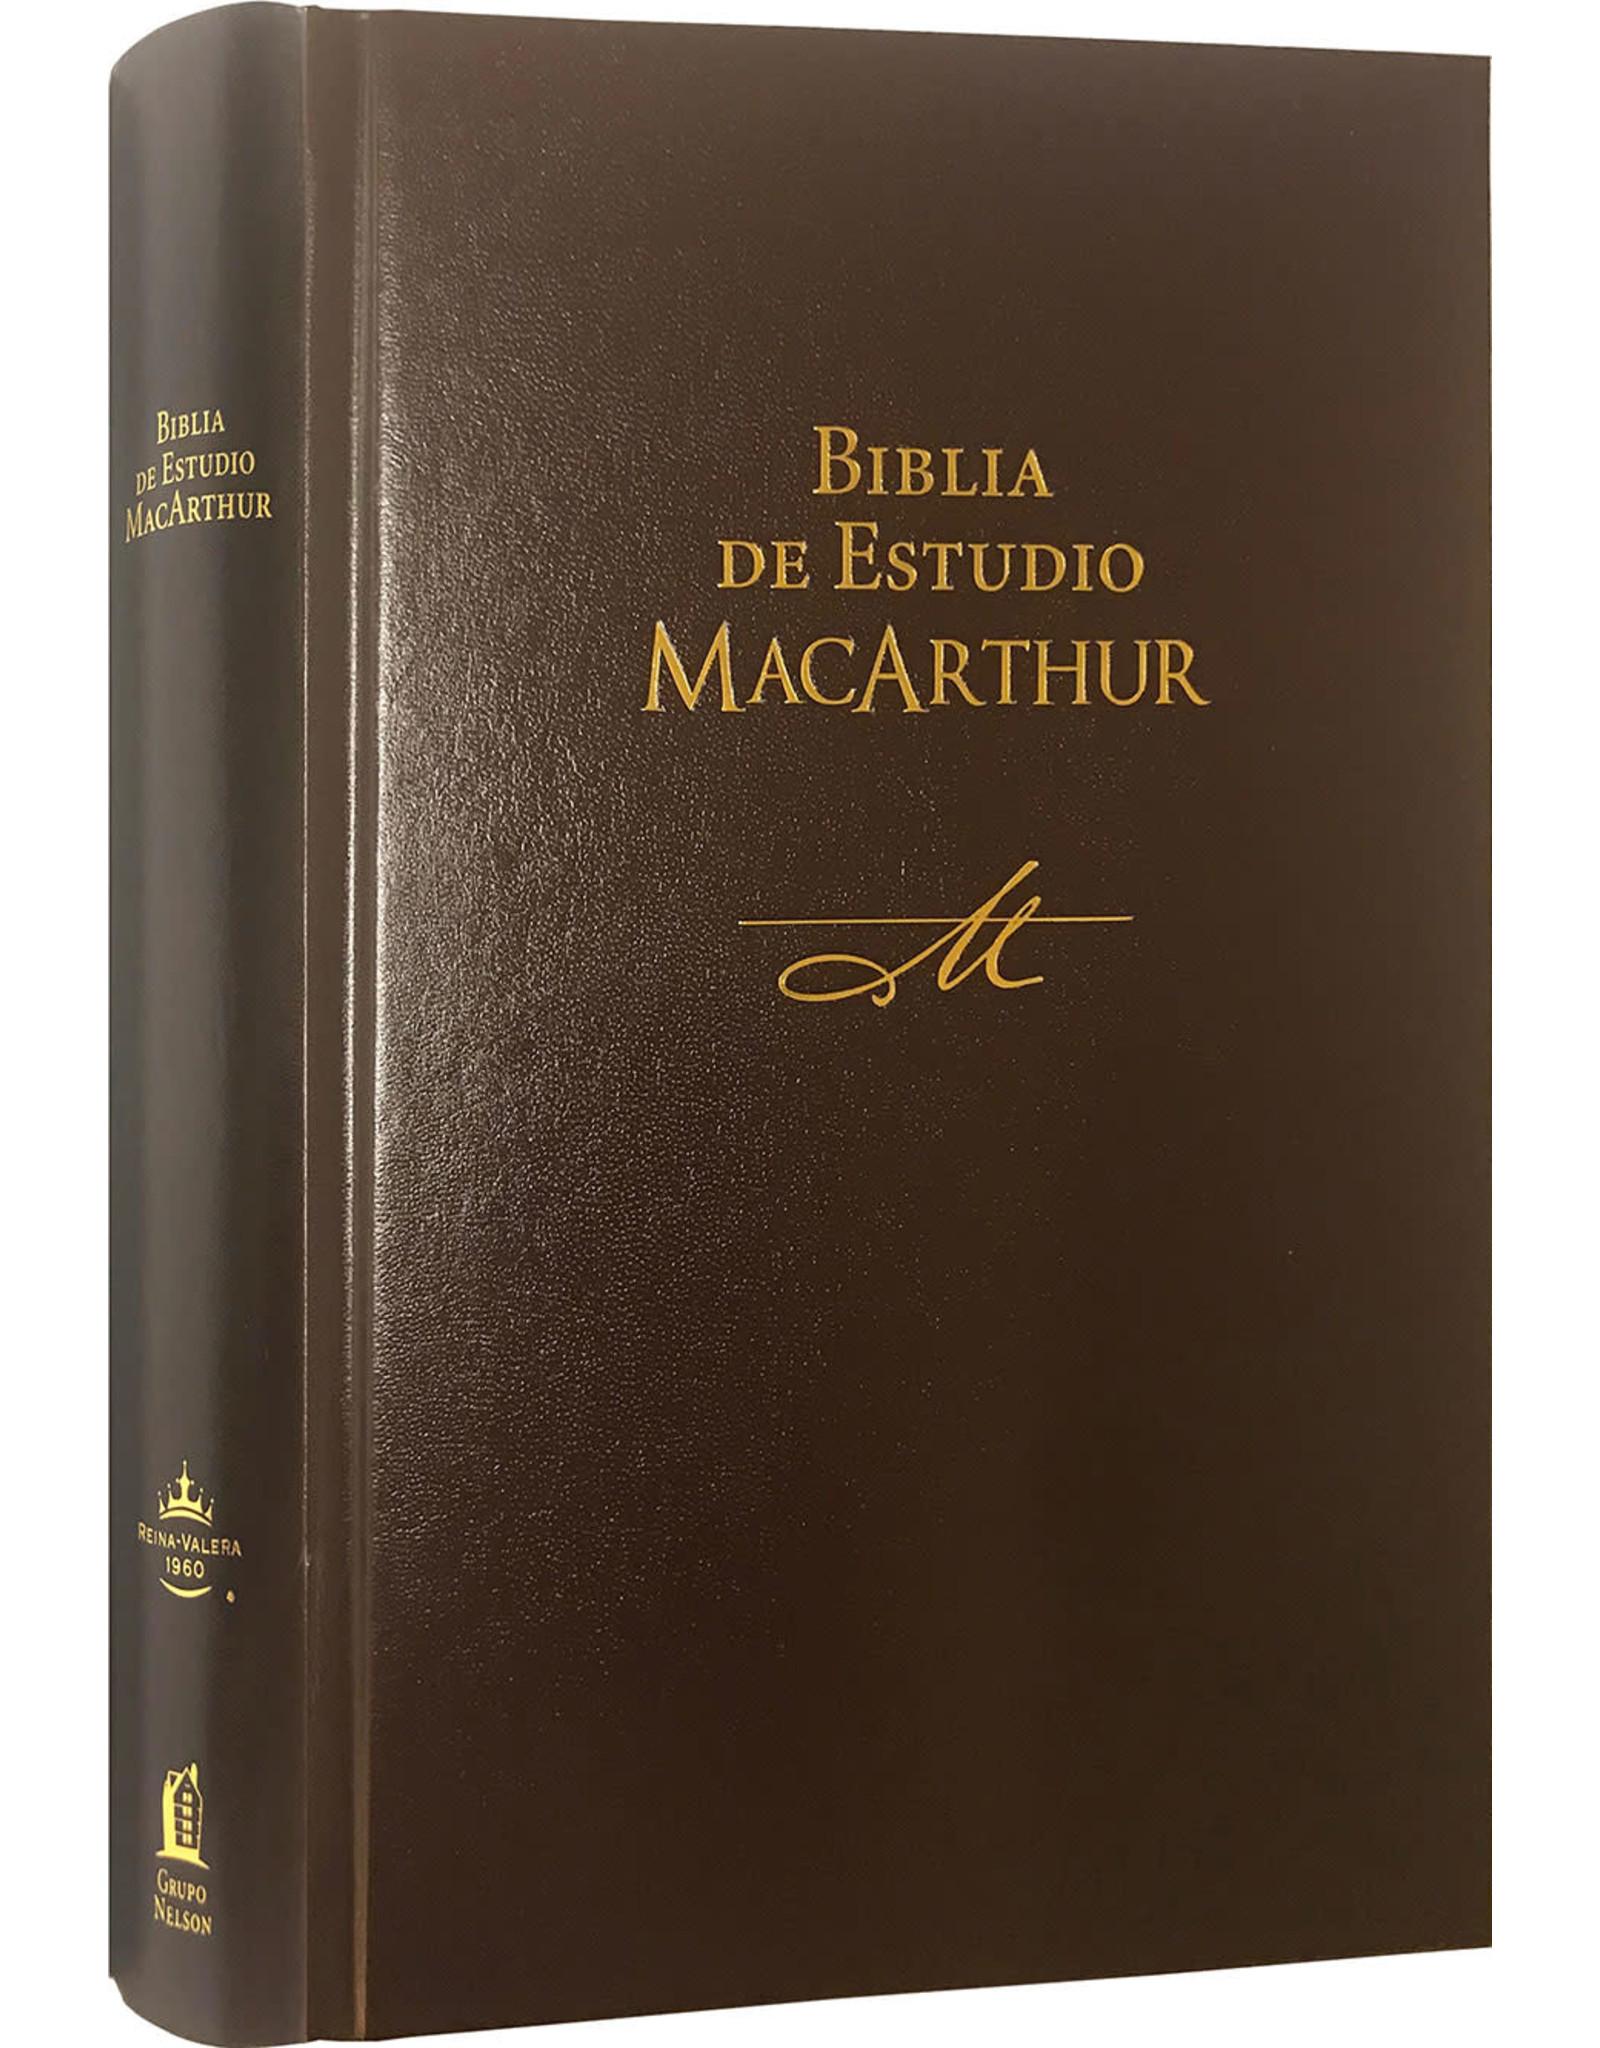 MacArthur Biblia De Estudio MacArthur, Hardcover